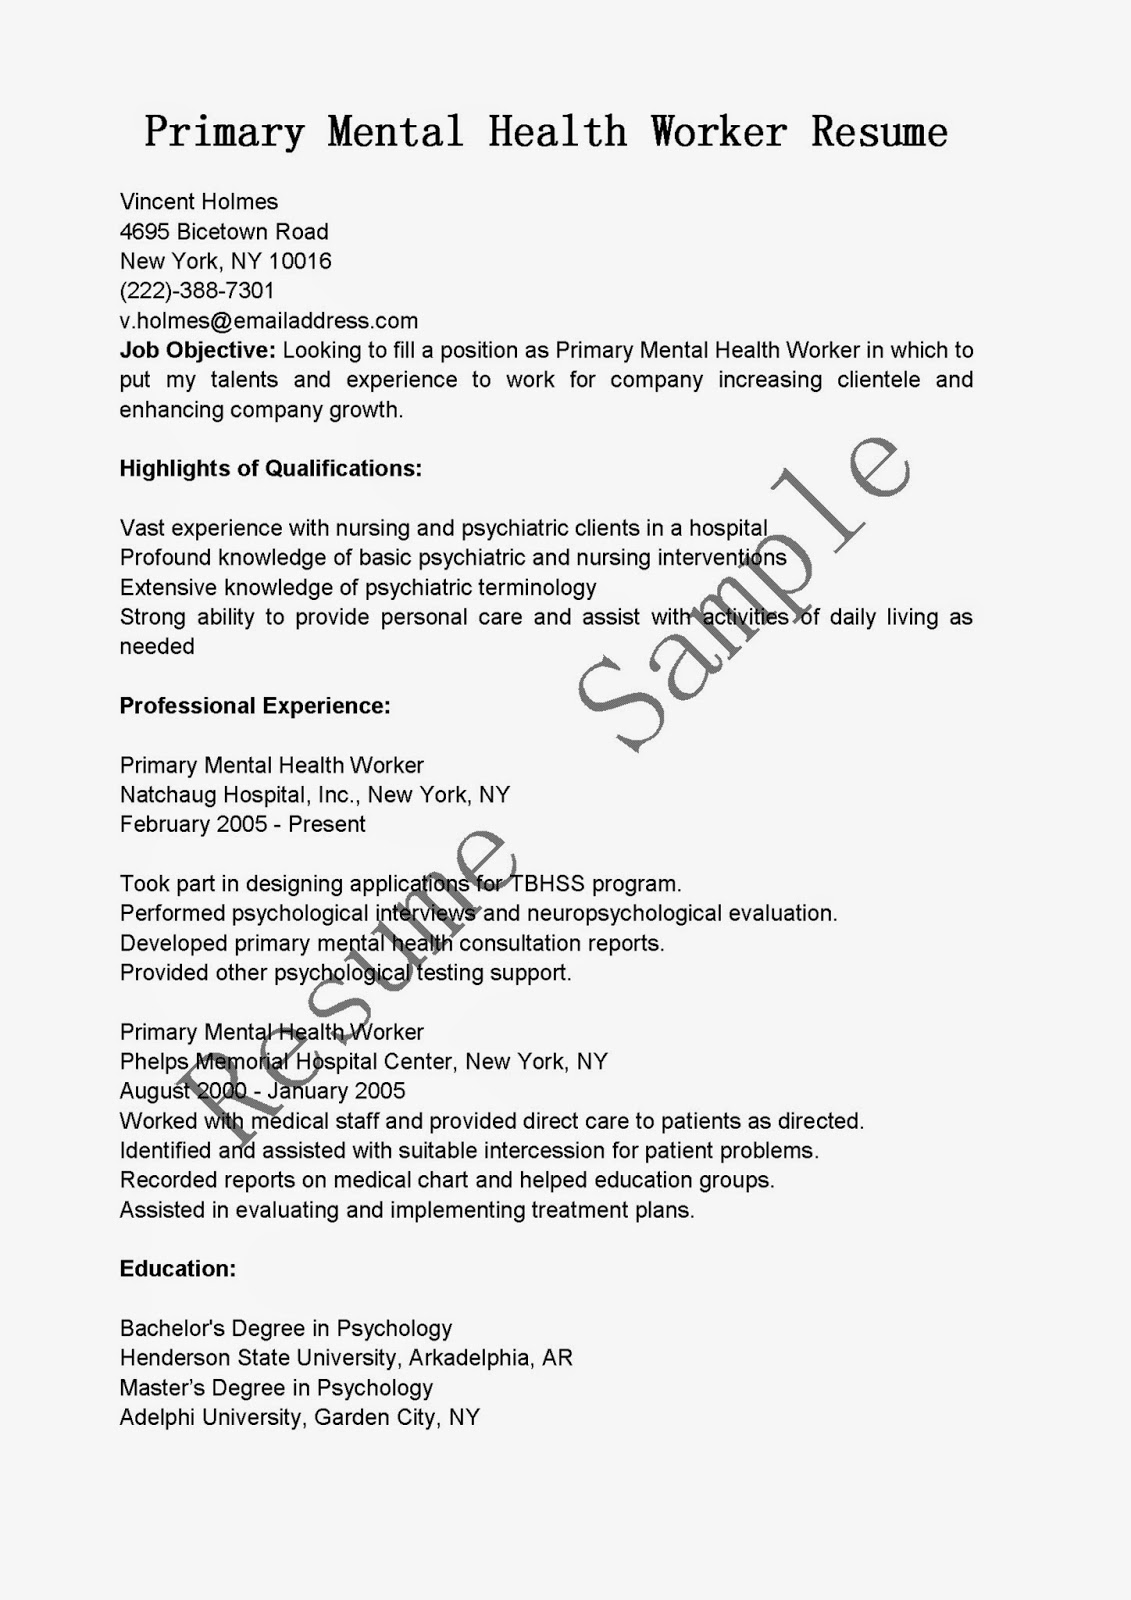 Resume Samples: Primary Mental Health Worker Resume Sample